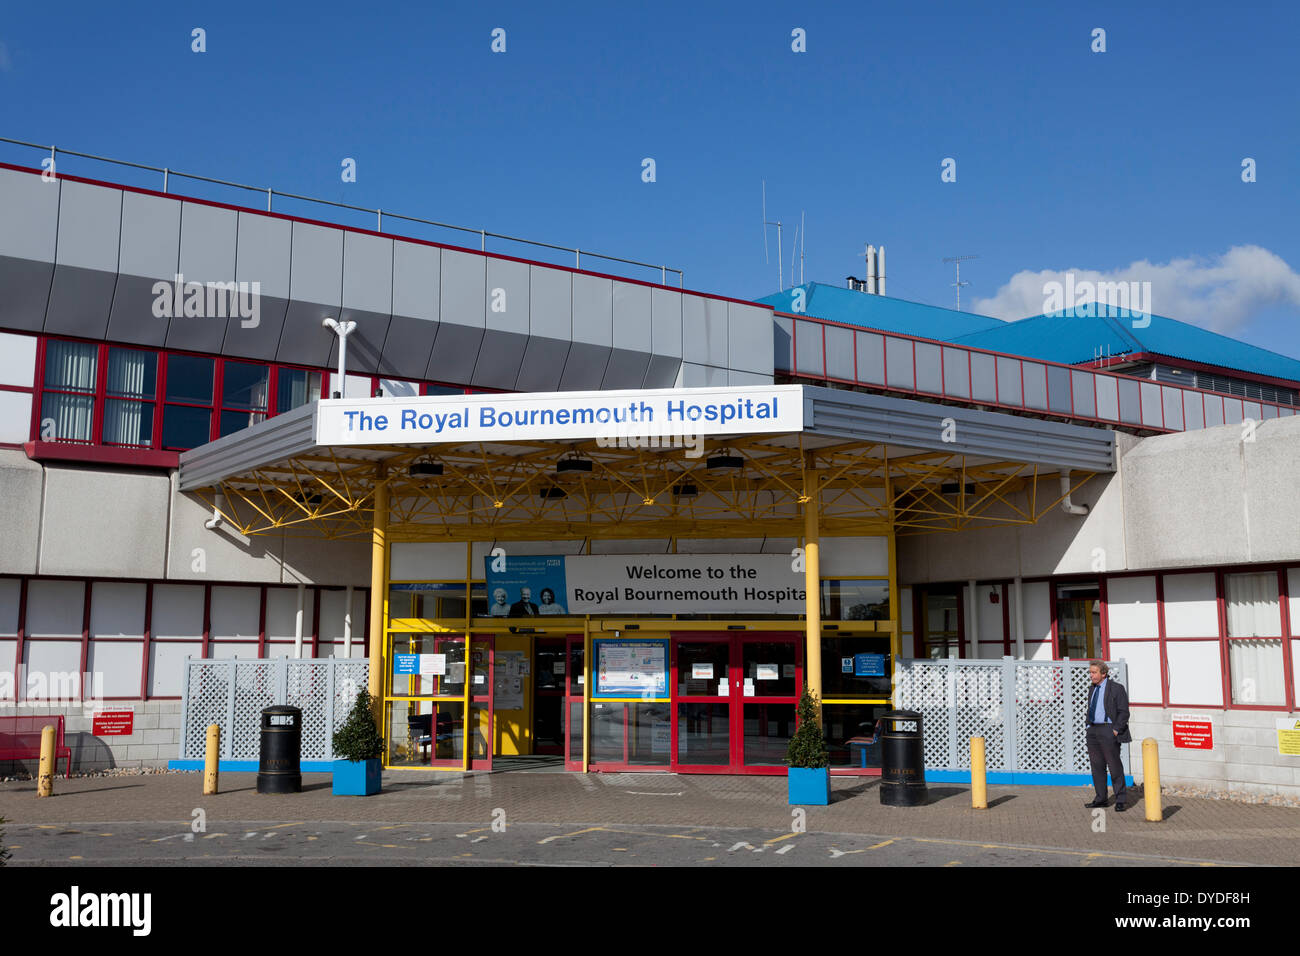 Royal Bournemouth Hospital main entrance. - Stock Image